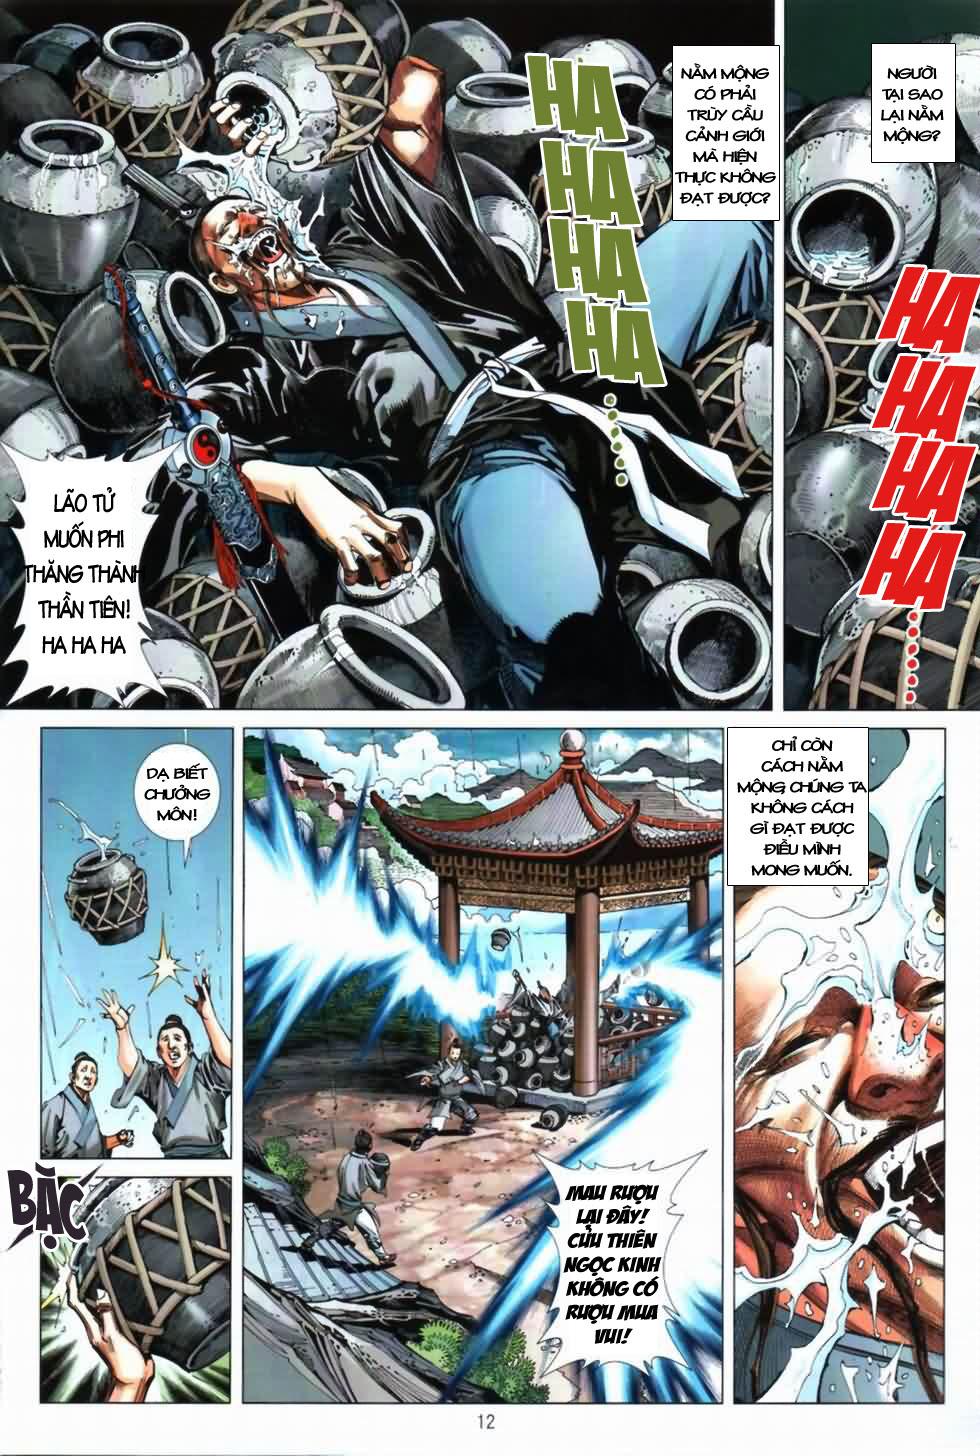 Thiên Hạ Vô Địch Kiếm Tà Thần chap 3 trang 12